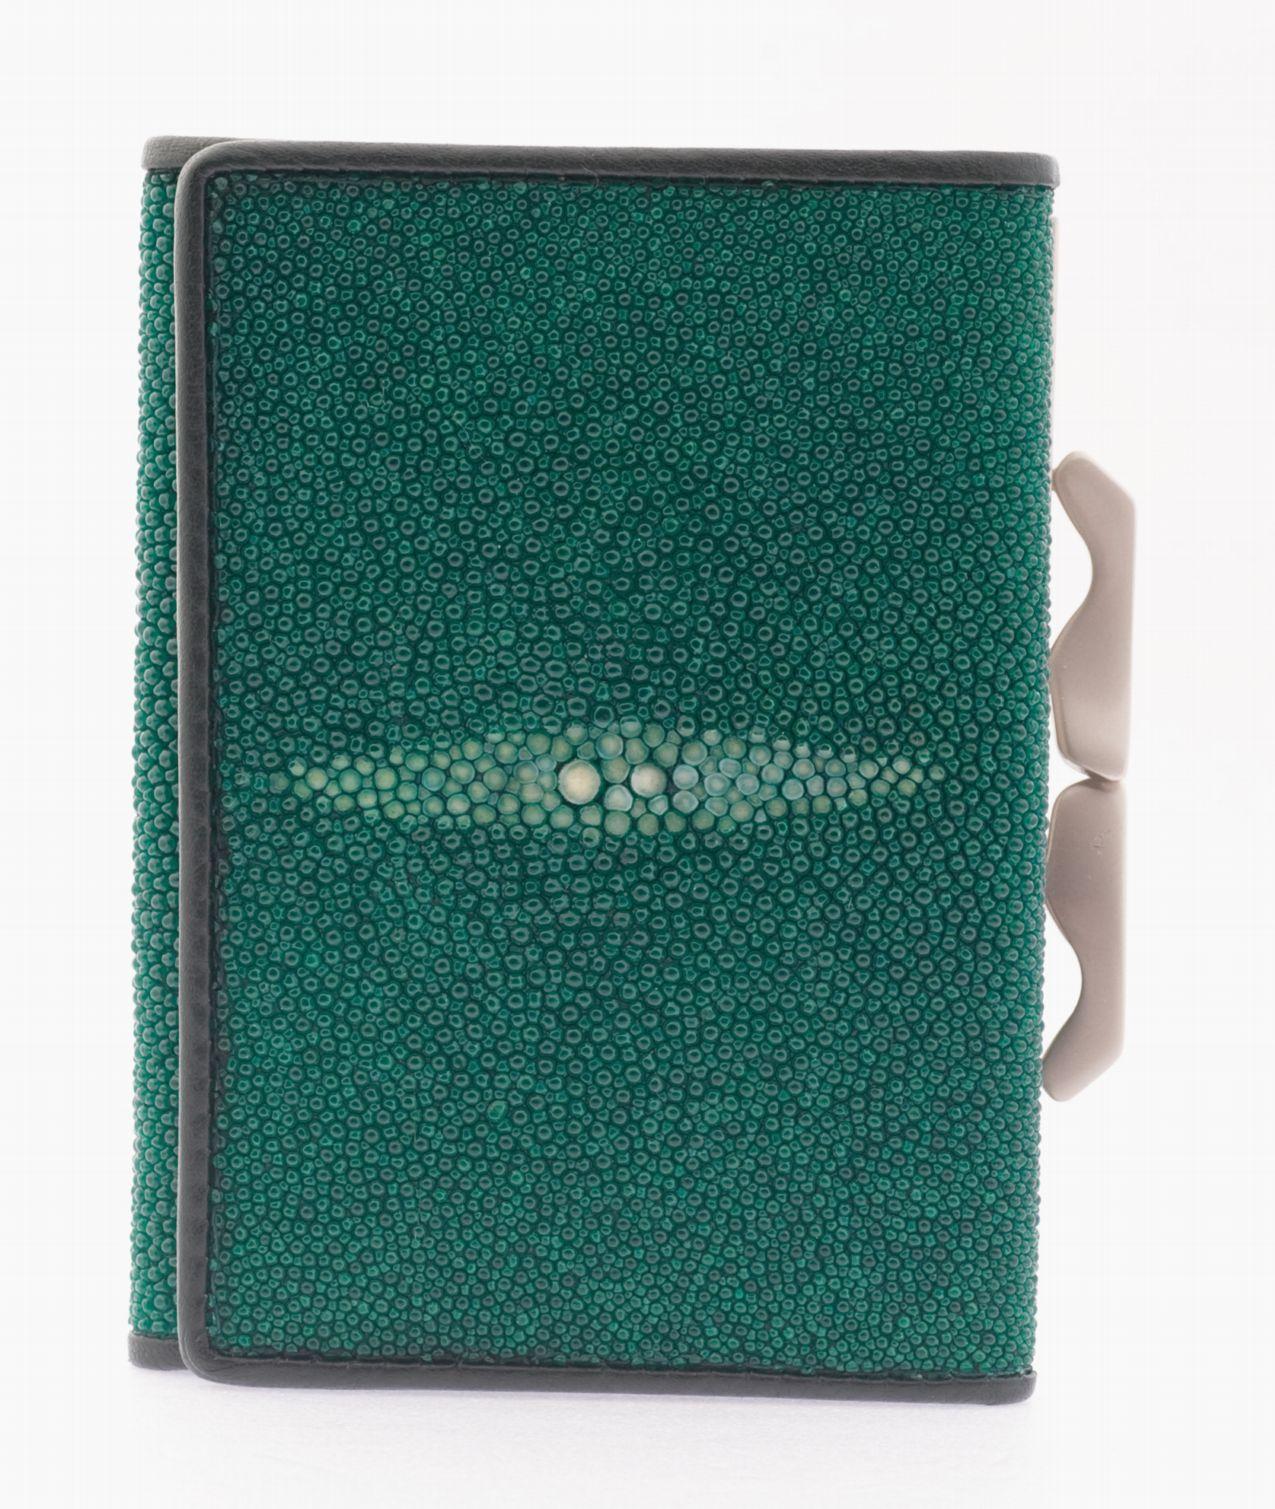 Krenig portfel green